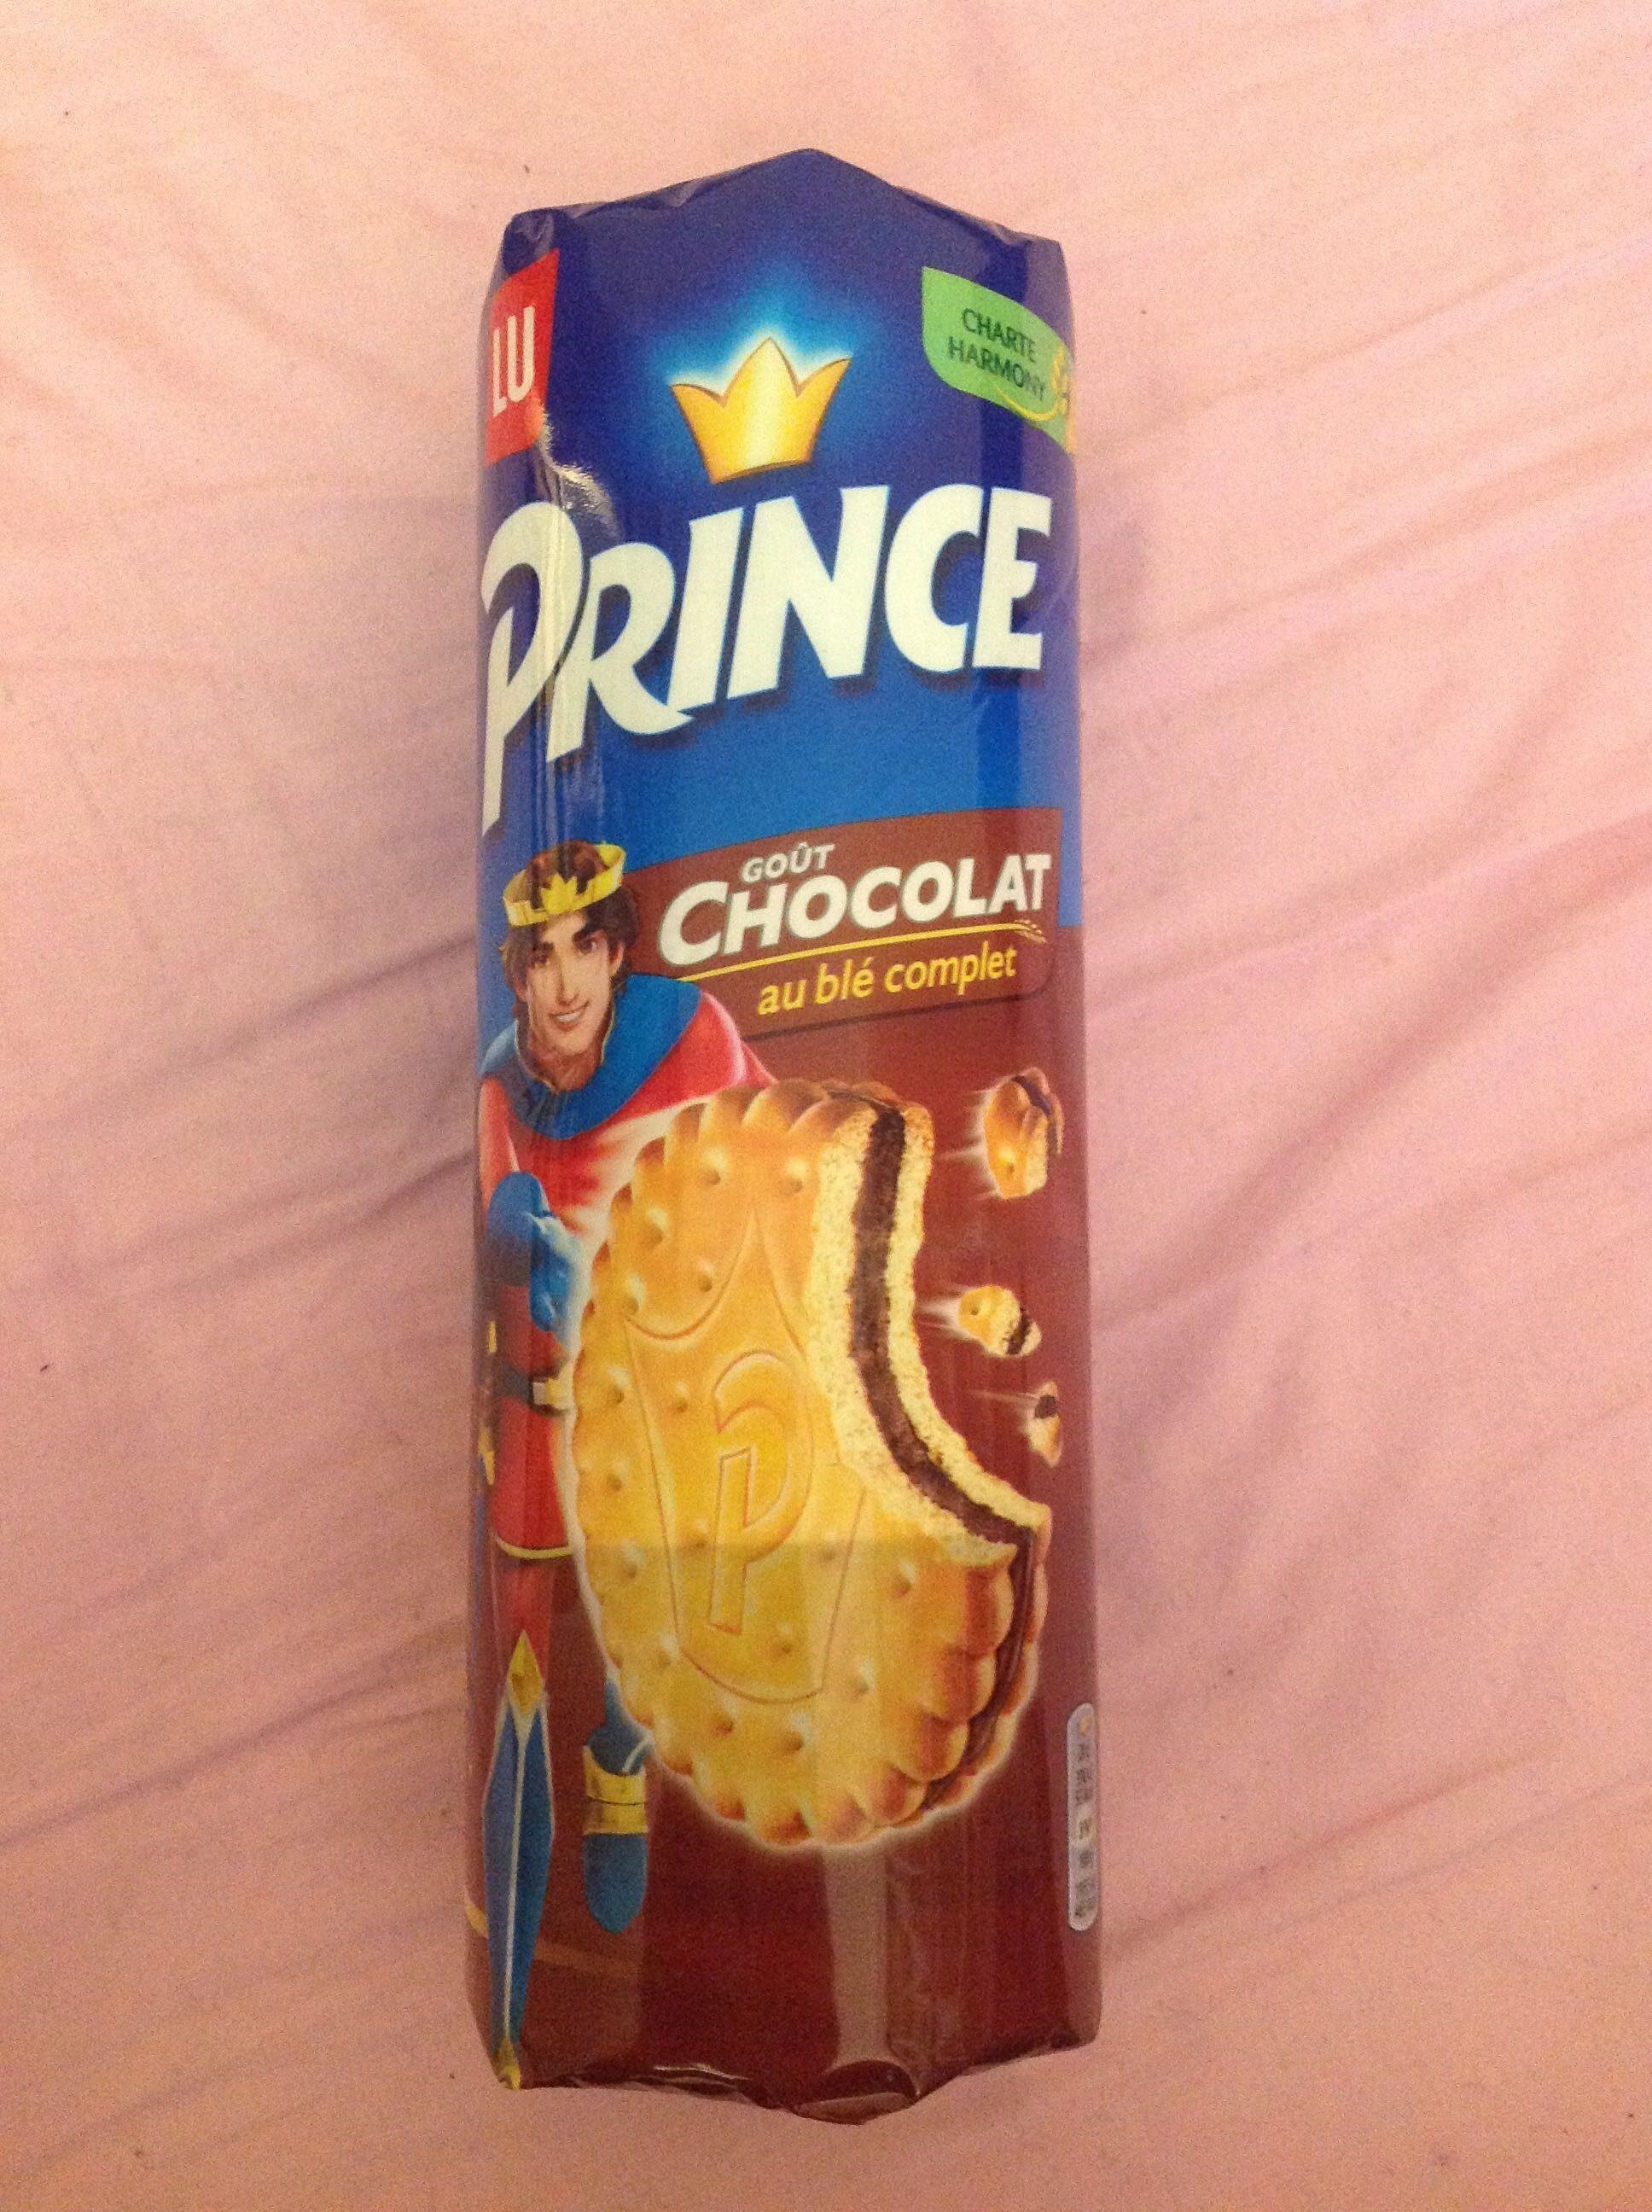 Prince - Produkt - fr